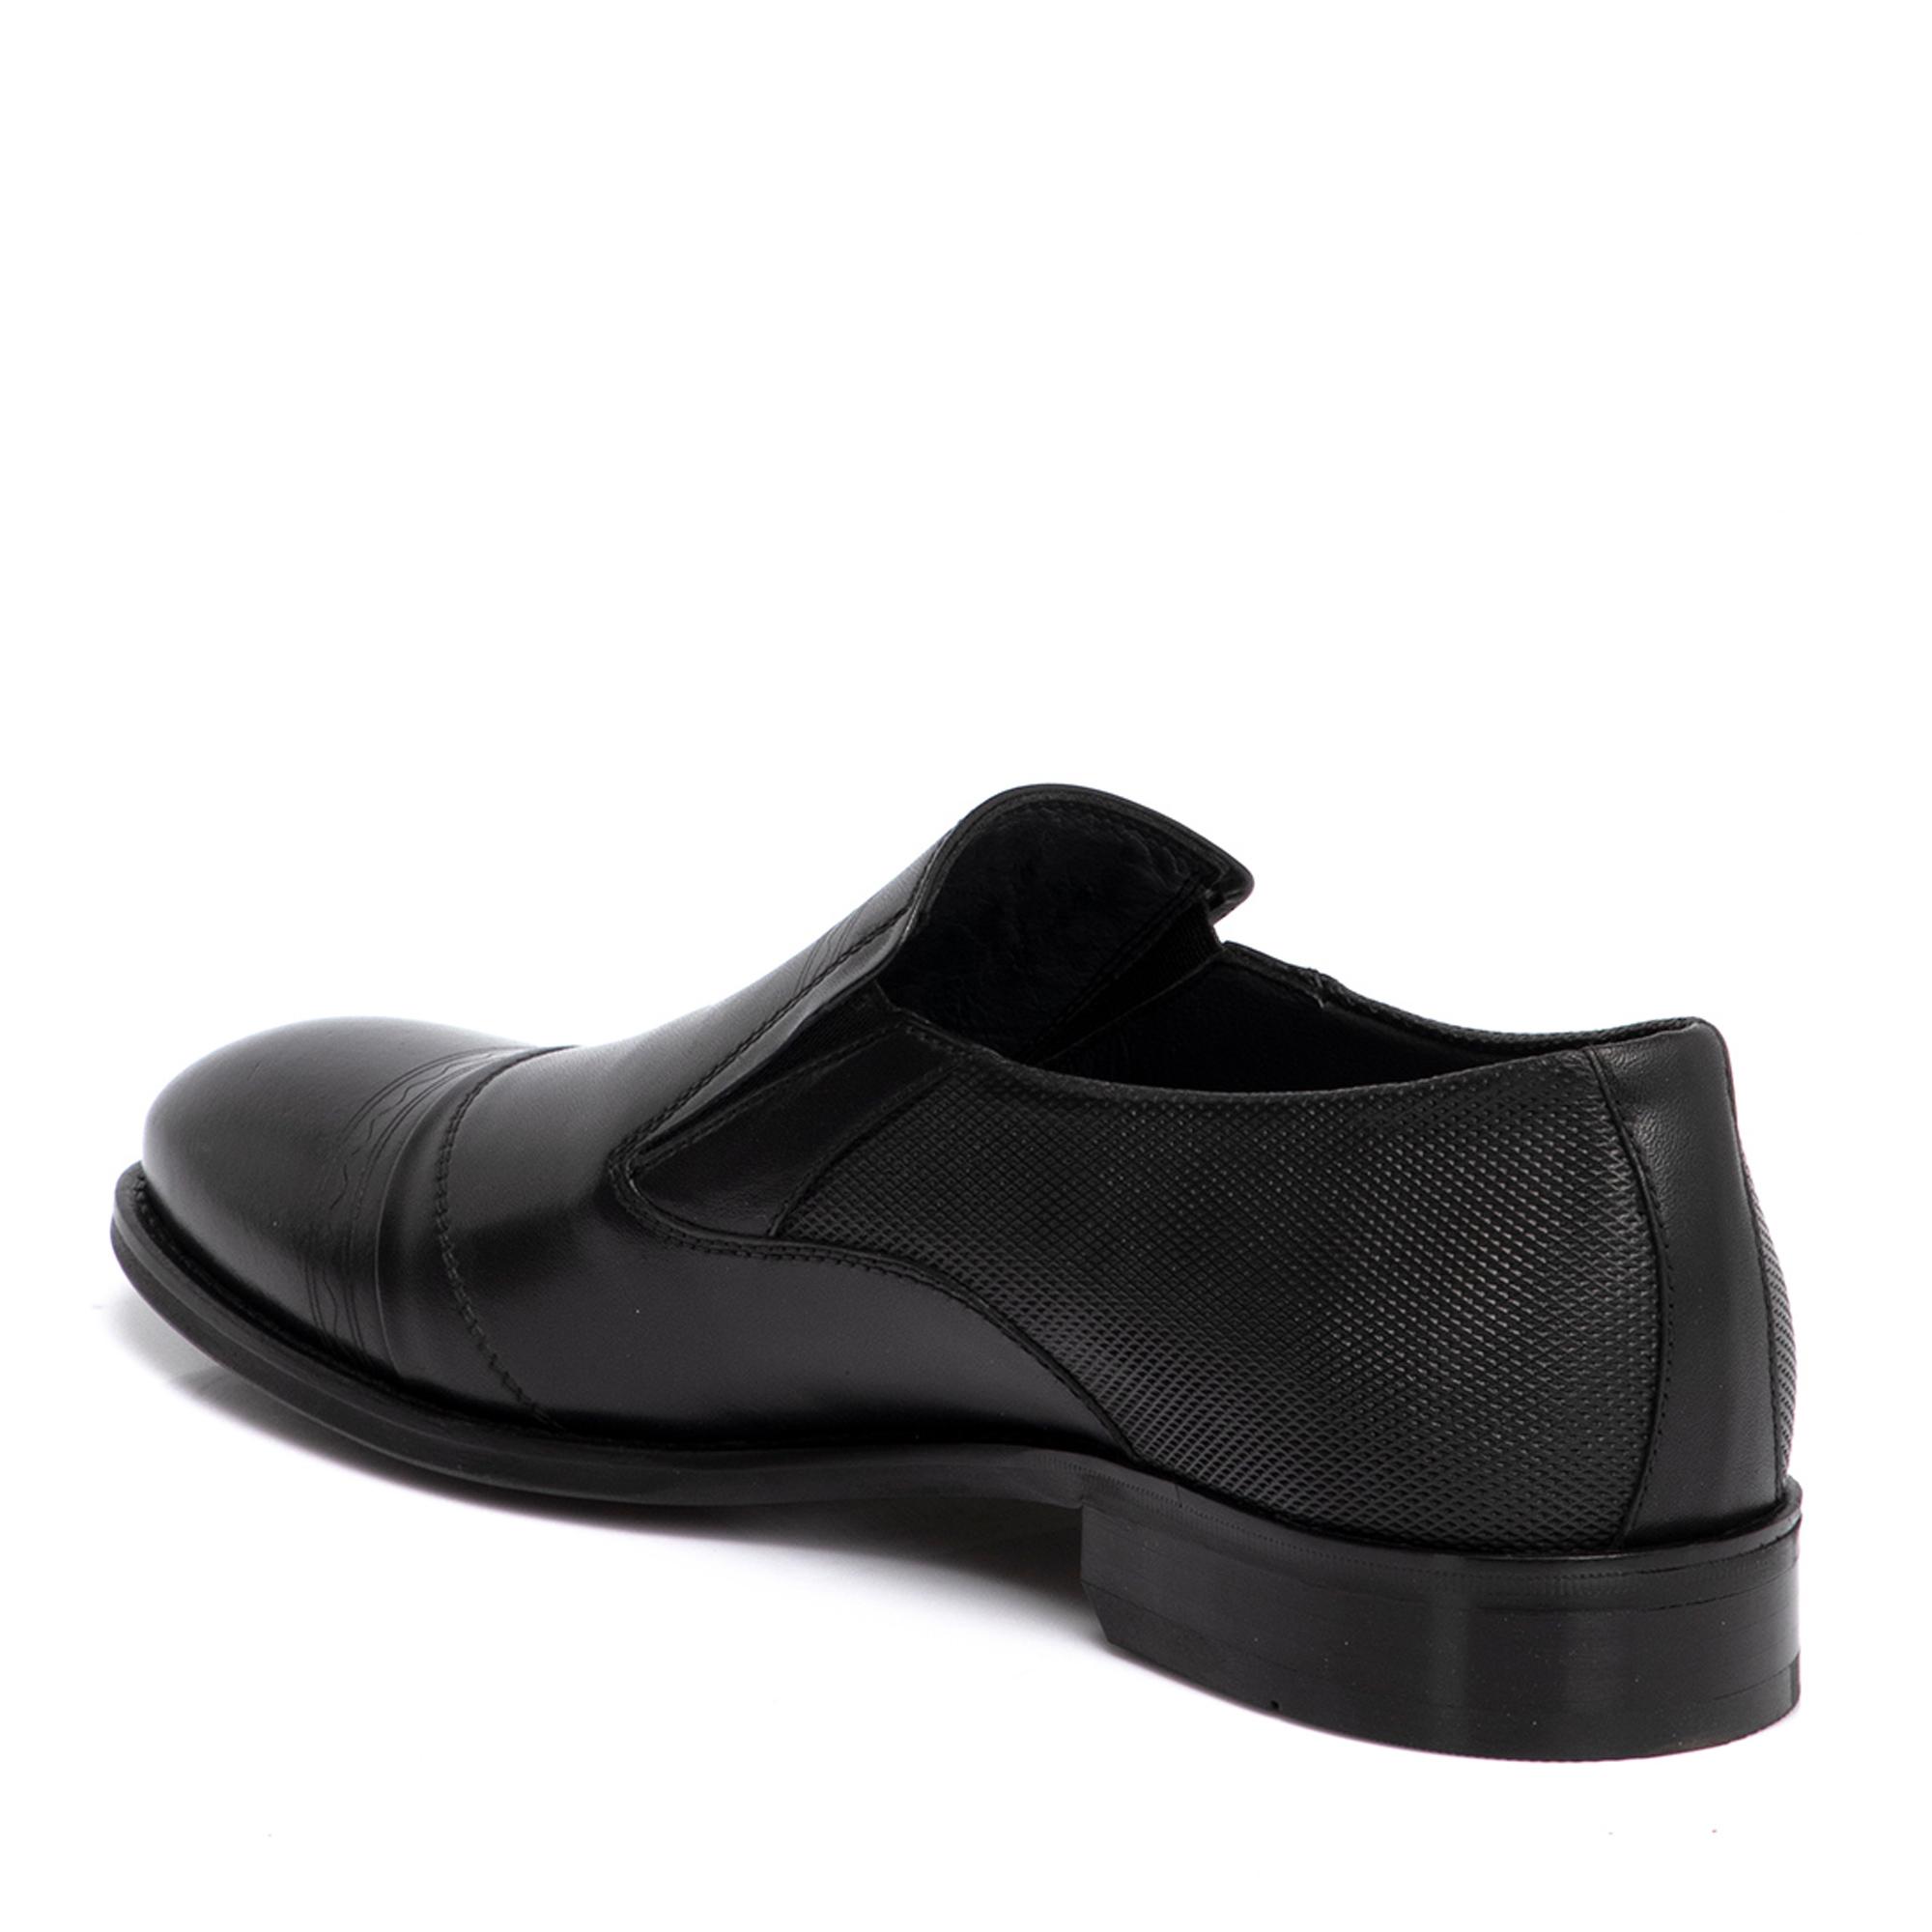 Siyah Deri Erkek Ayakkabı 54277G26